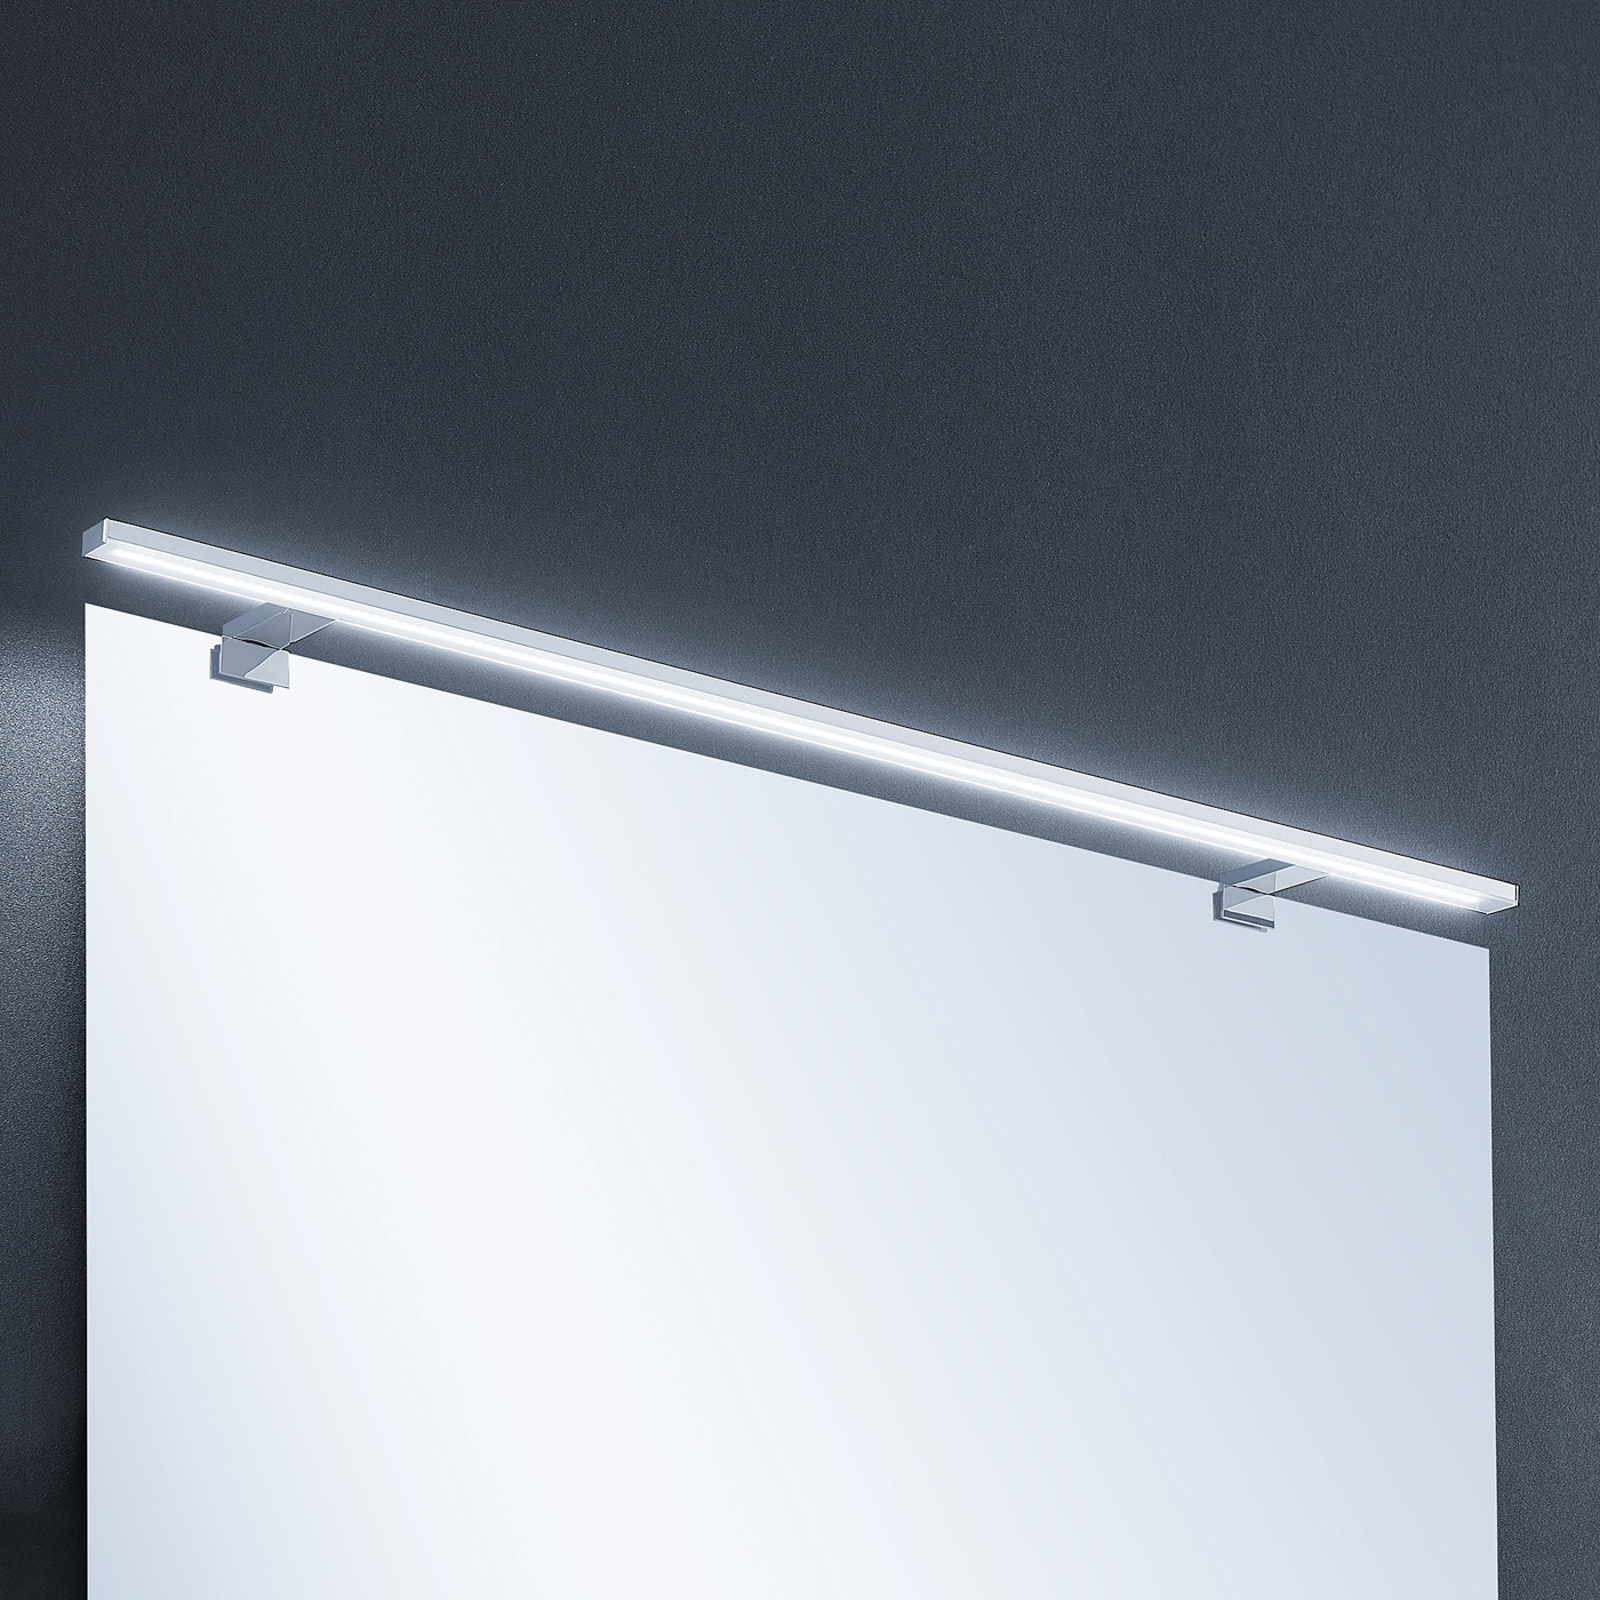 Lindby Lusano -LED-seinälamppu, alumiini